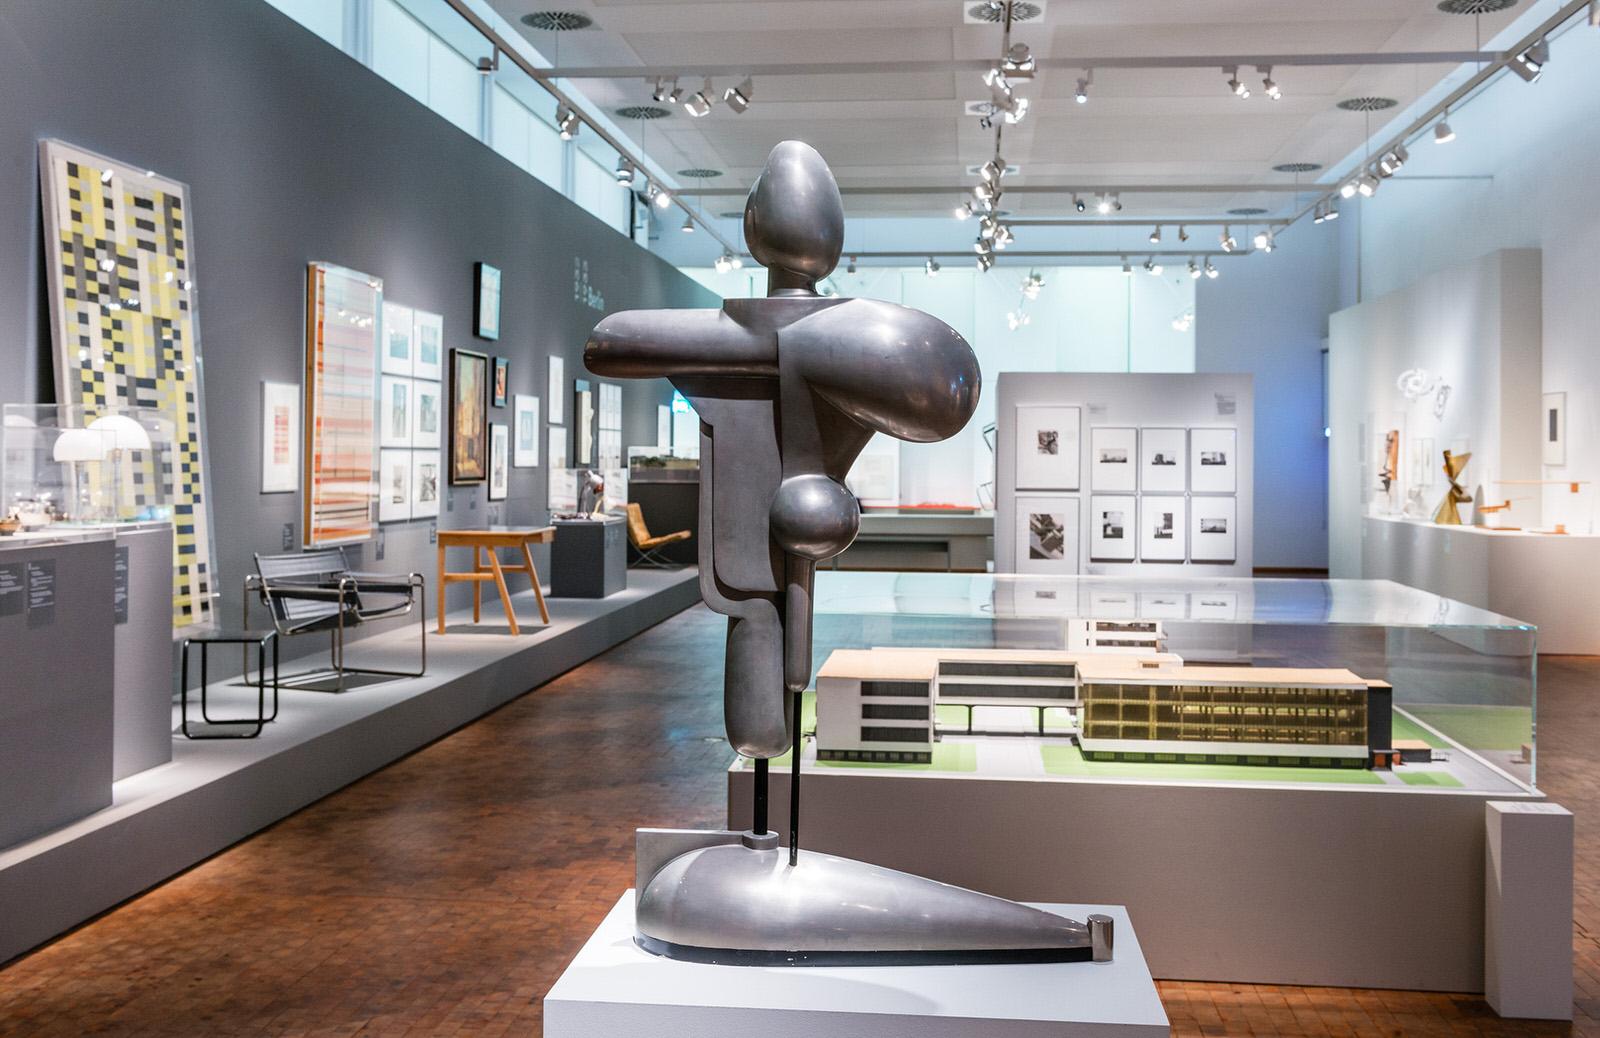 Colecci n bauhaus el legado de la escuela de dise o m s - Bauhaus iluminacion interior ...